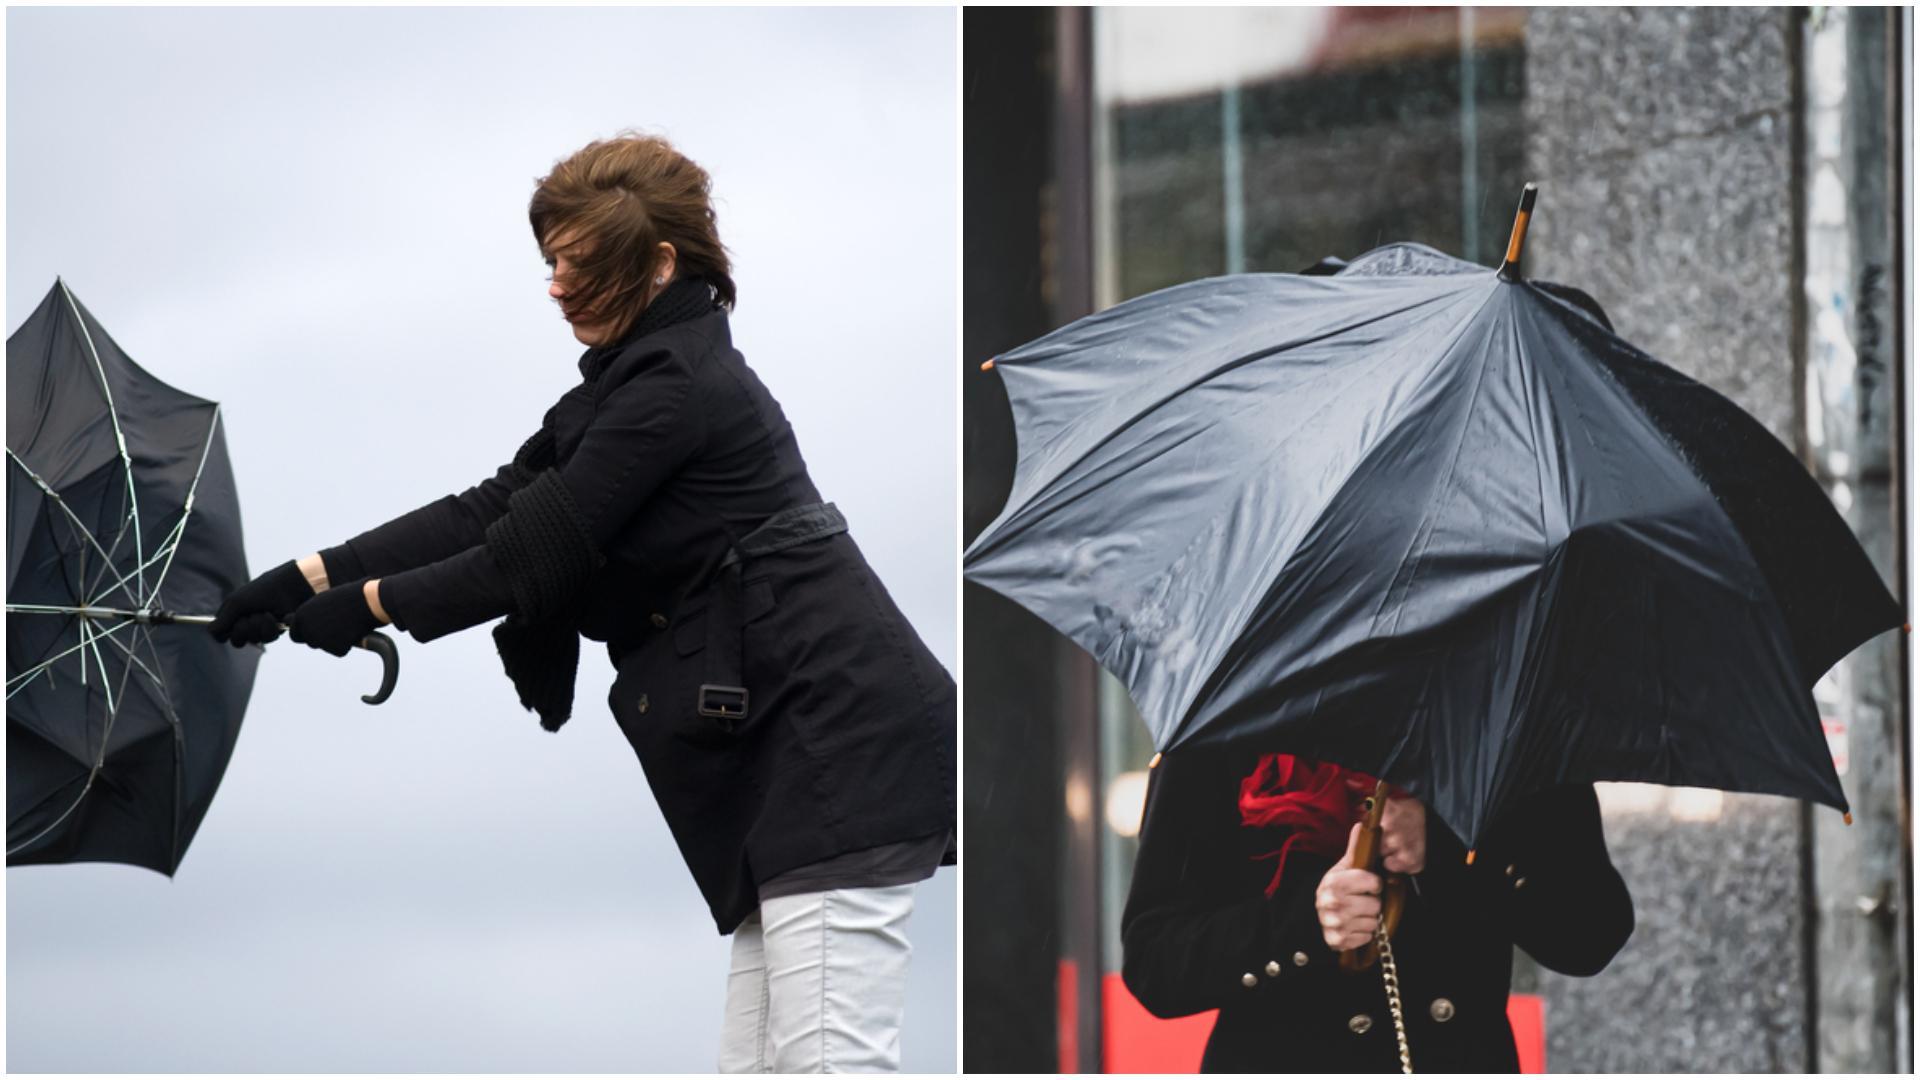 Alertă meteo! Meteorologii anunță vreme rece în toată țara. Ce zone sunt vizate de cod galben de vânt